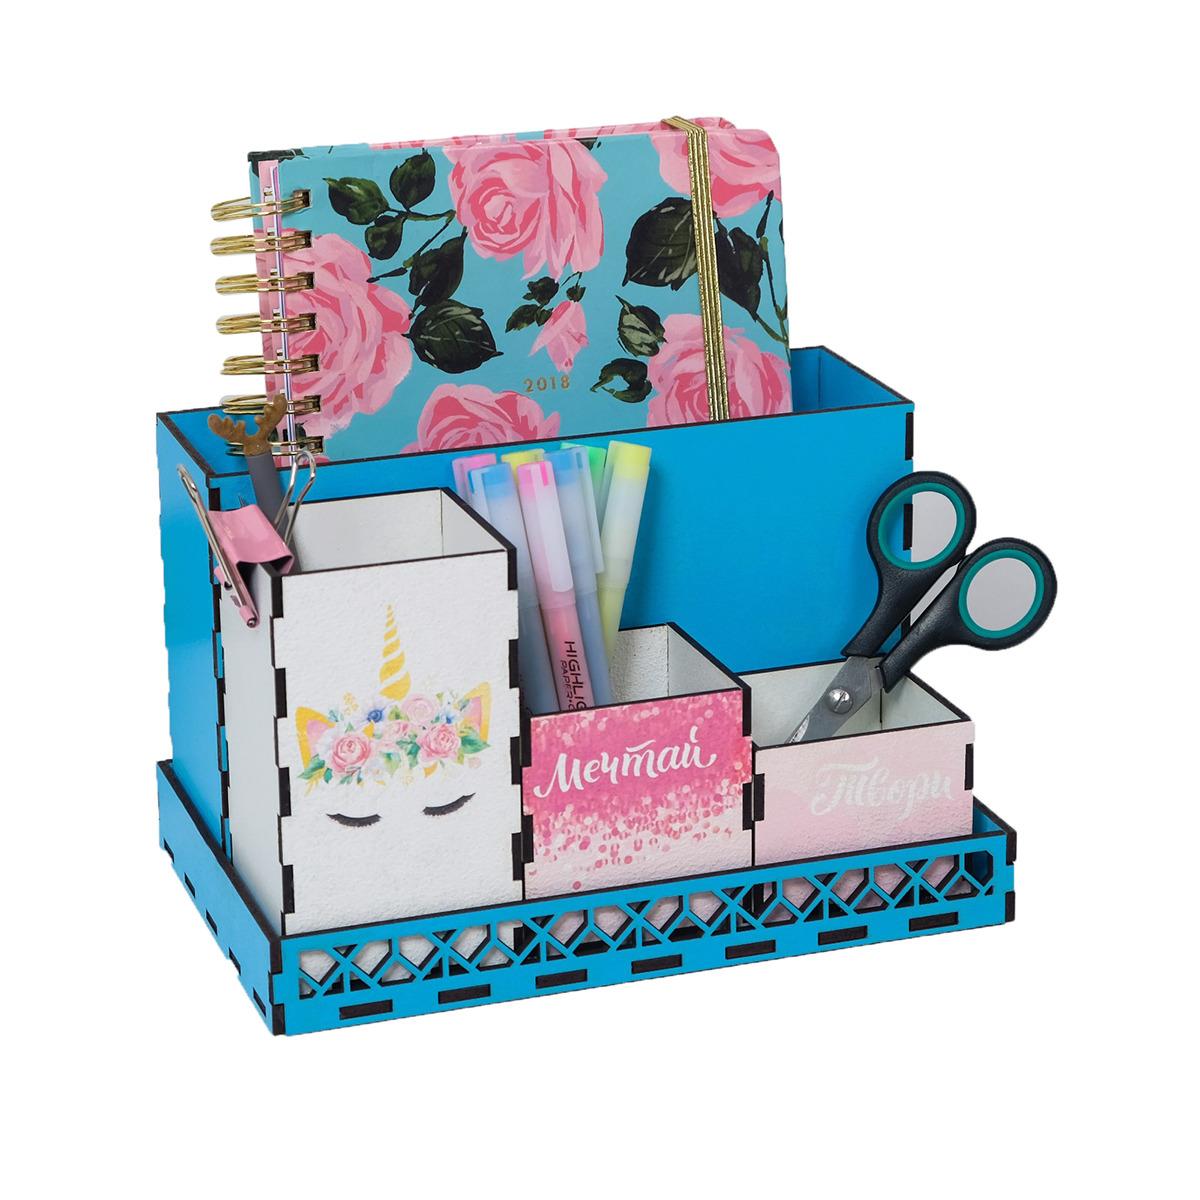 Подставка для канцелярских принадлежностей Единорог, складная, 4146868, голубой, розовый, белый, 23,5 х 15 х 14,2 см